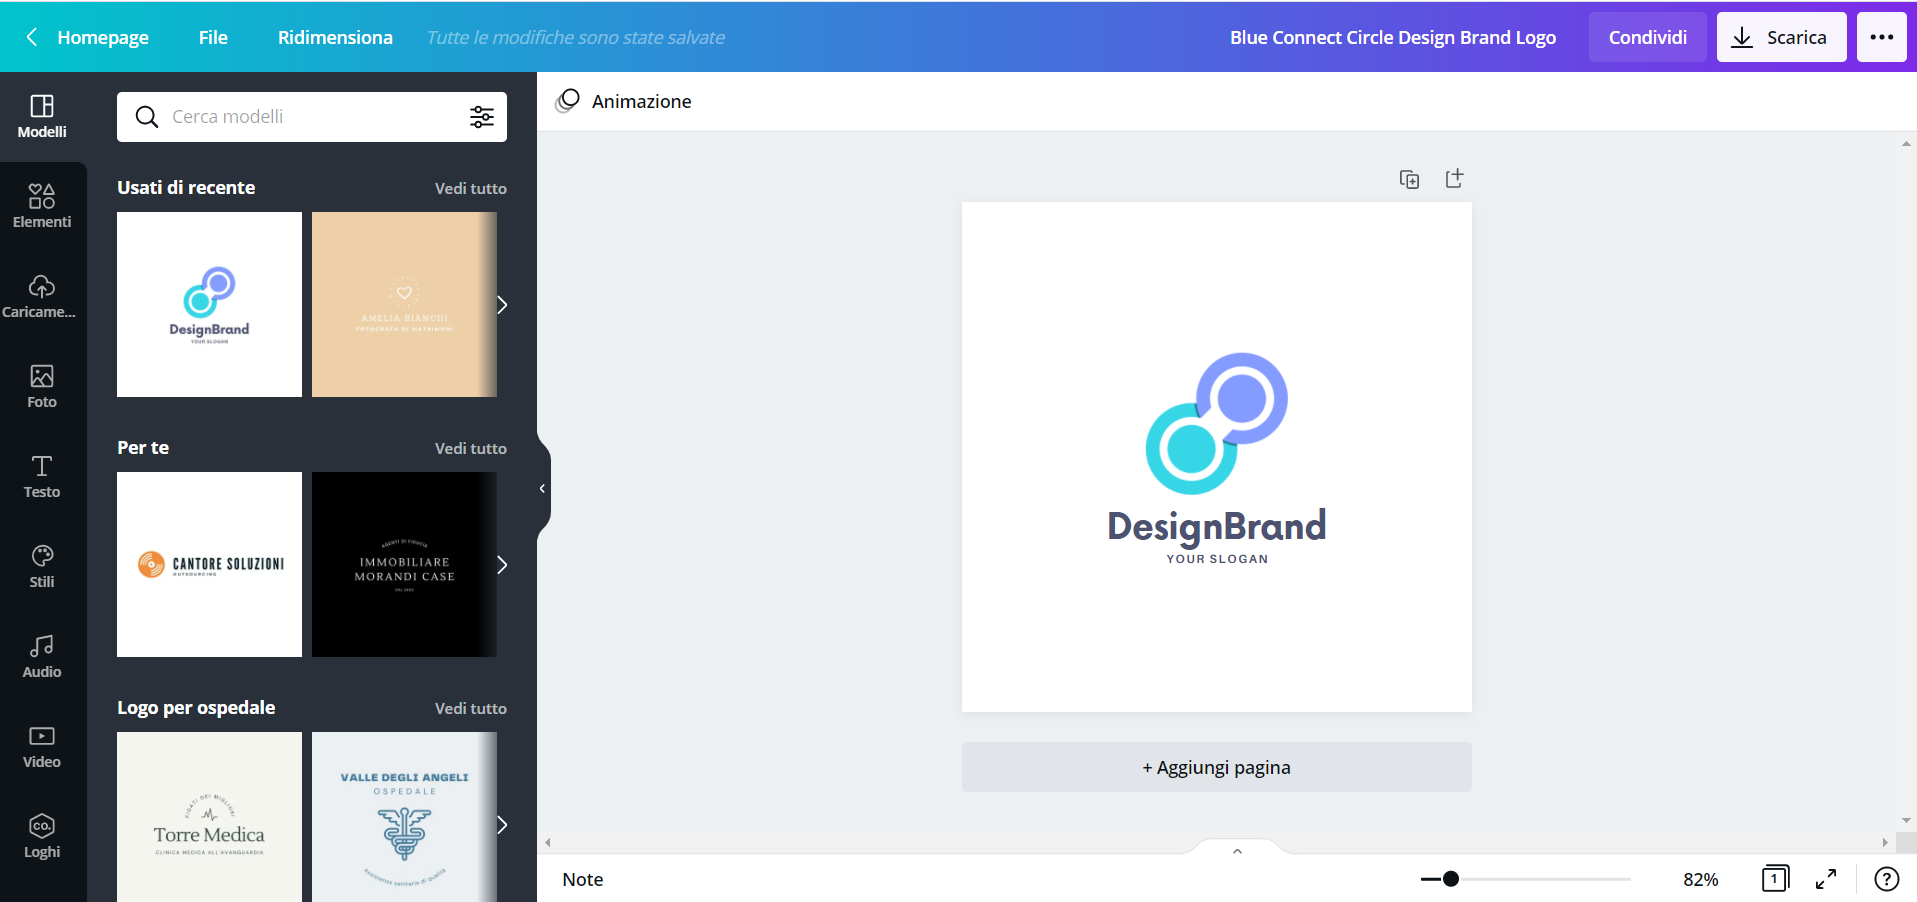 Creare un logo online gratis con Canva